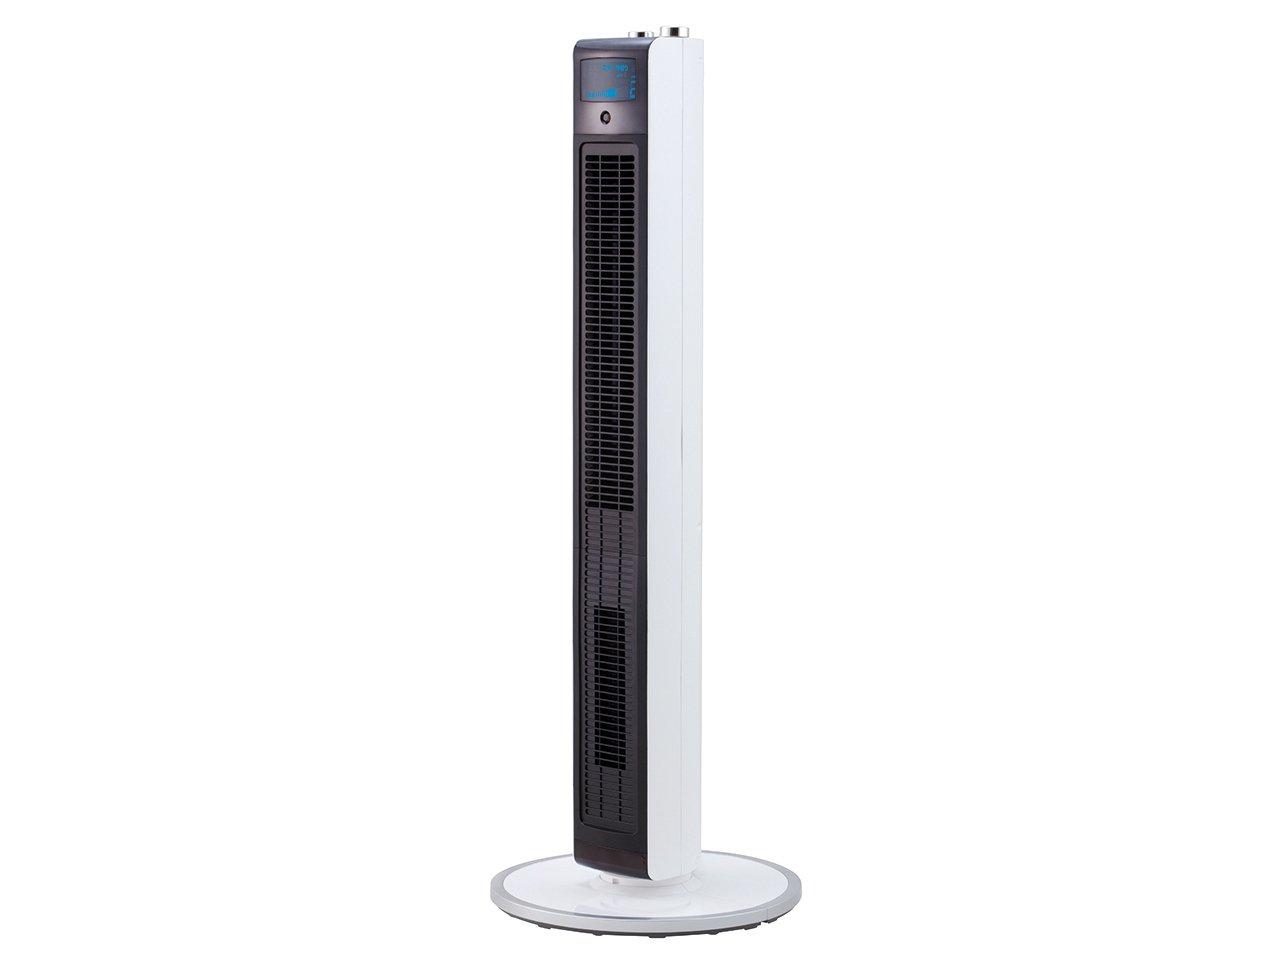 コイズミ 扇風機 ホット&クール ハイタワーファン ホワイト KHF-1281/W   B07BK7XJN7